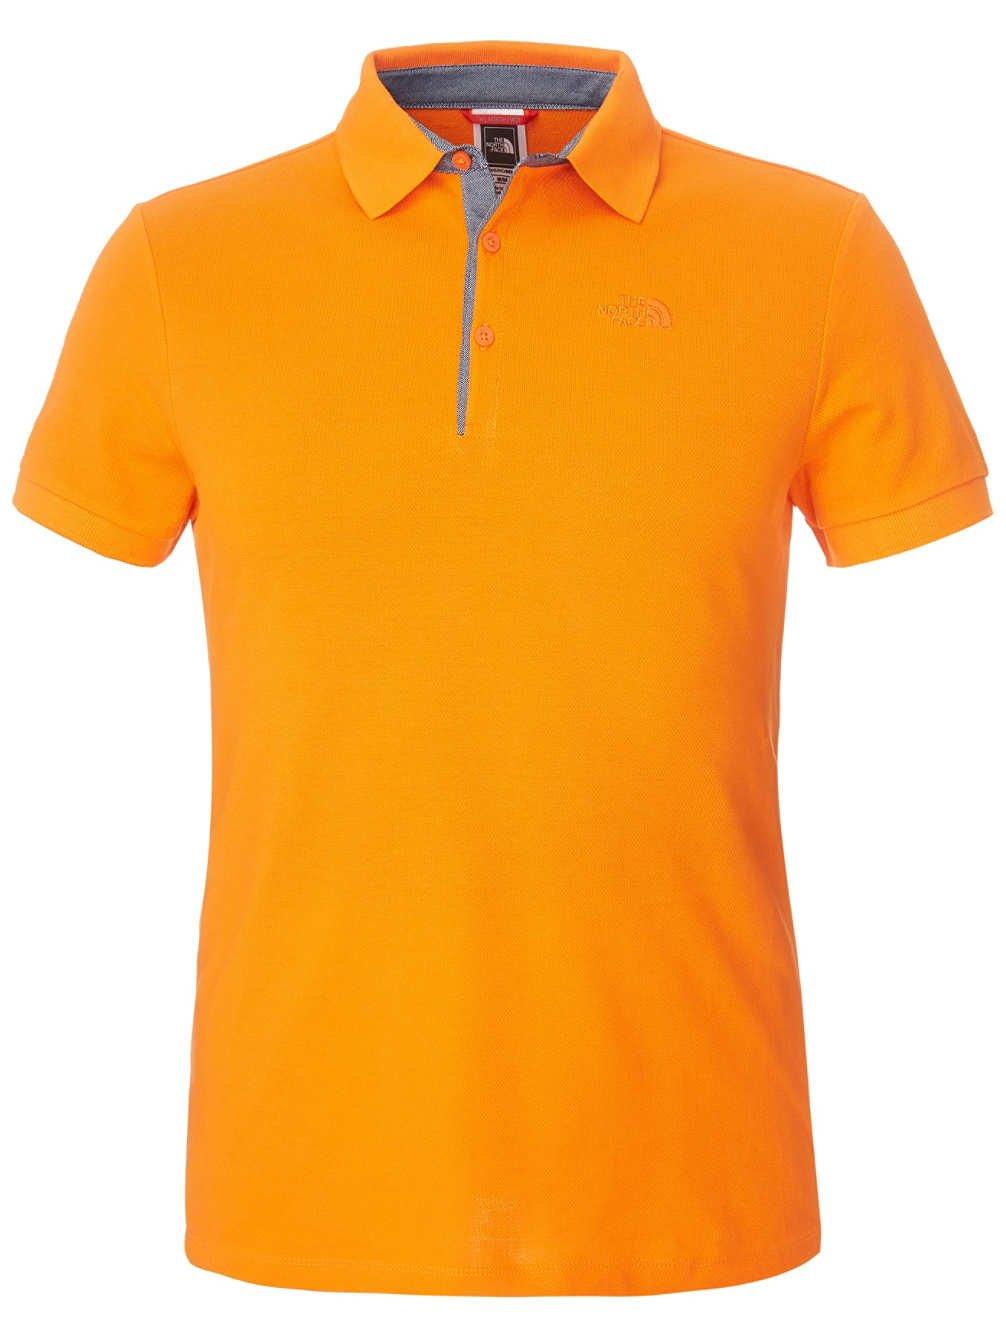 The North Face hombres Premium de piqué camiseta M, hombre, color ...